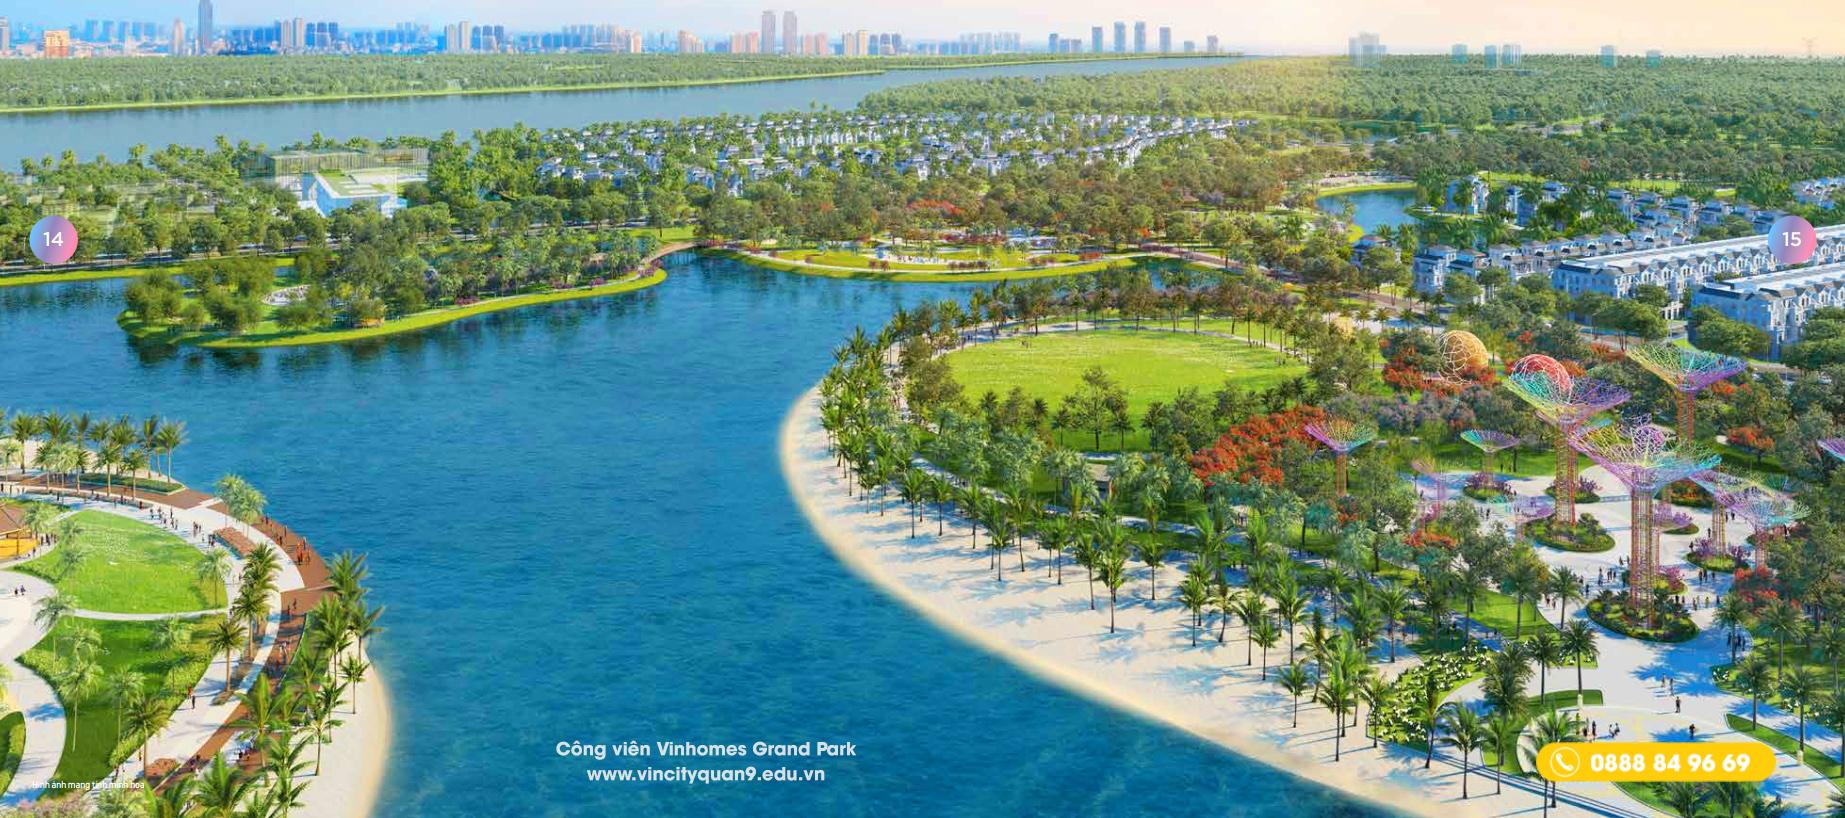 Vinhomes Grand Park Quận 9 - Kỳ quan công viên Cây Ánh SángGarden by the bay độc nhất vô nhị tại Việt Nam. Lấy ý tưởng từcông viên tự nhiên Gardens by the Bay nằm ở trung tâm Singapore và tiếp giáp với Marina Reservoir.